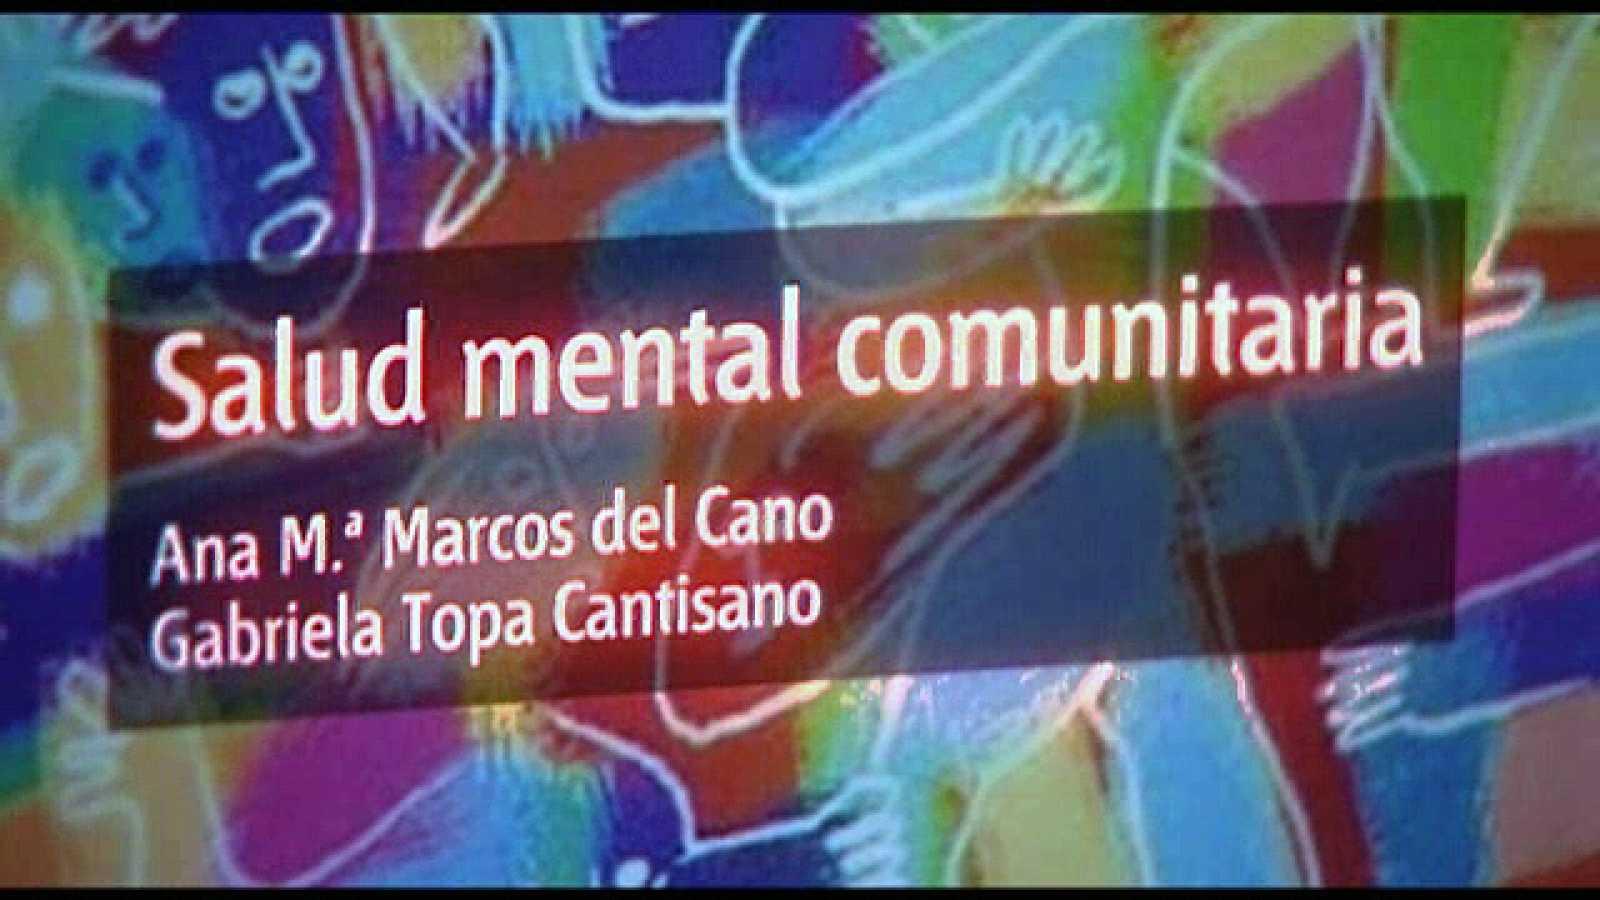 Salud mental comunitaria.